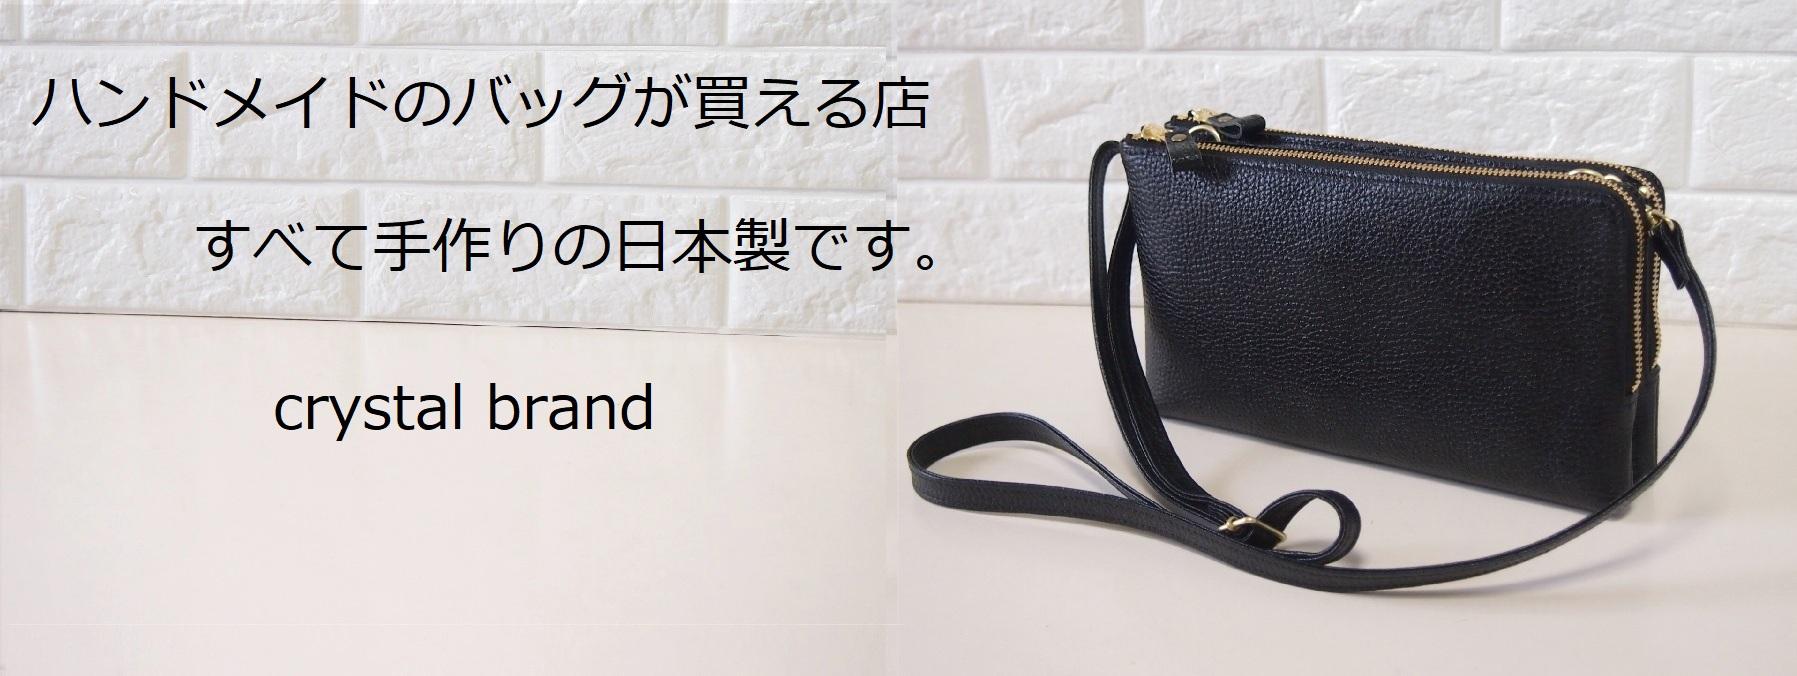 クリスタル ブランド  紹介画像1